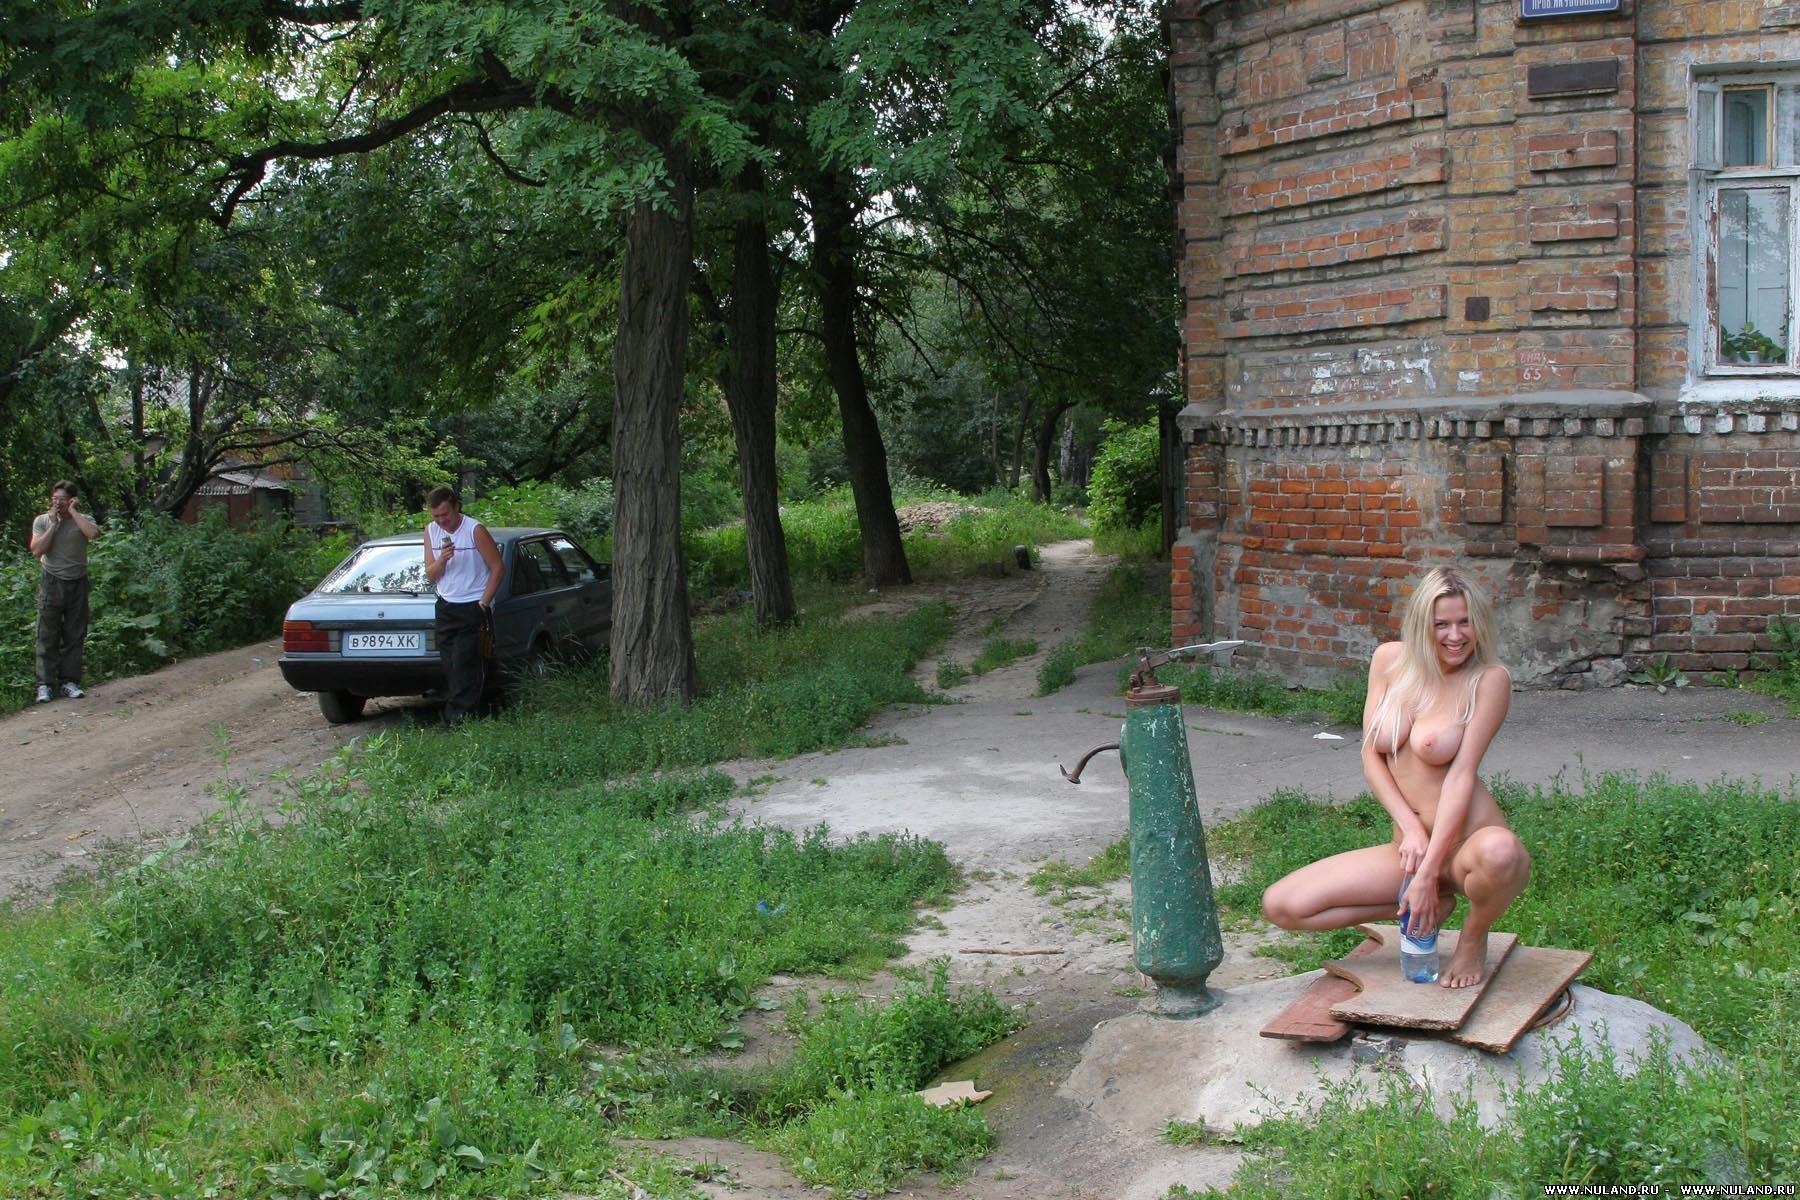 Частное в деревне 7 фотография